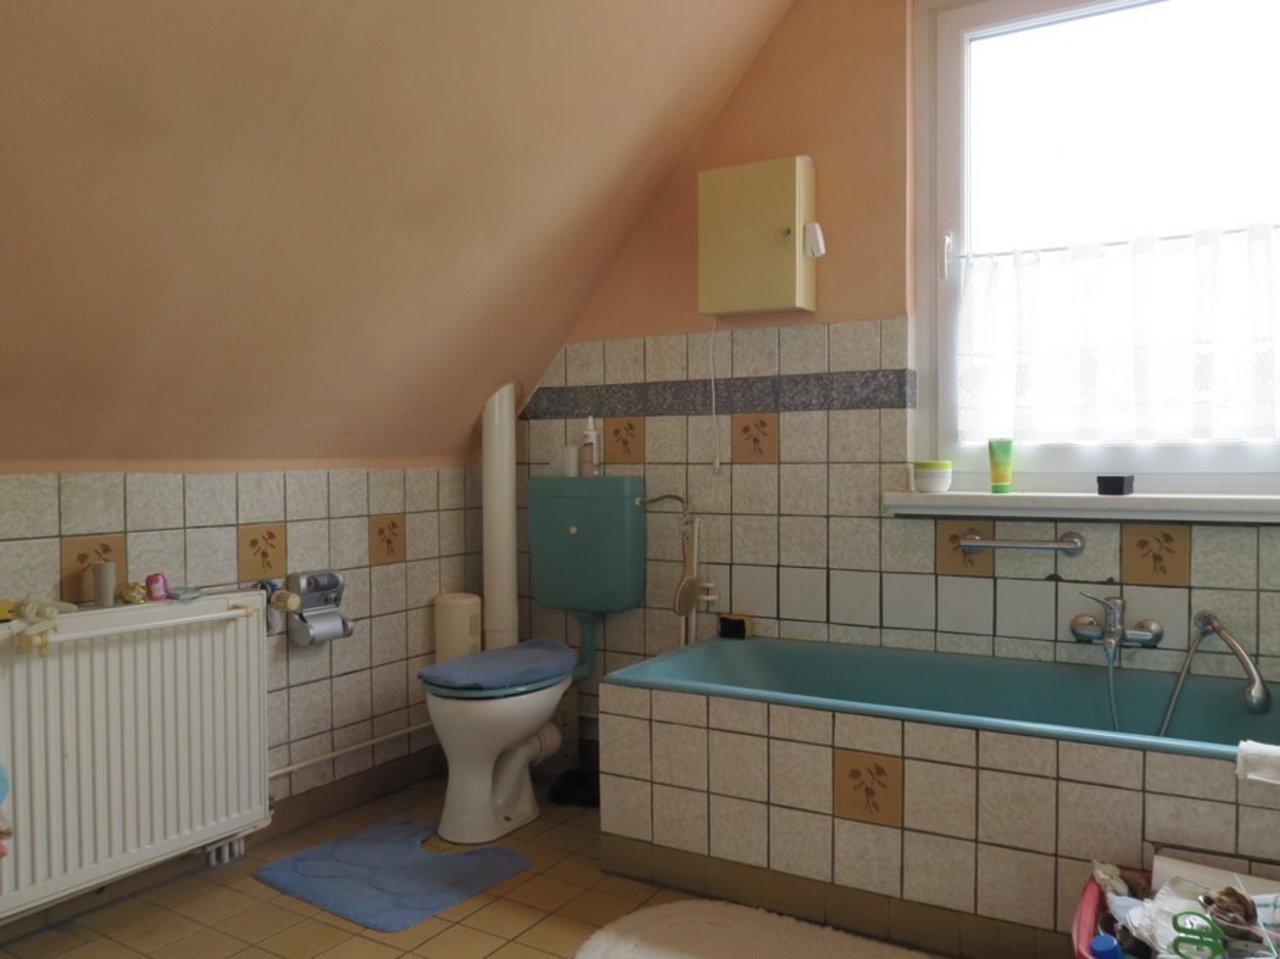 Freistehendes, modernisierungsbedürftiges EFH in Wülfershausen-Bad im DG